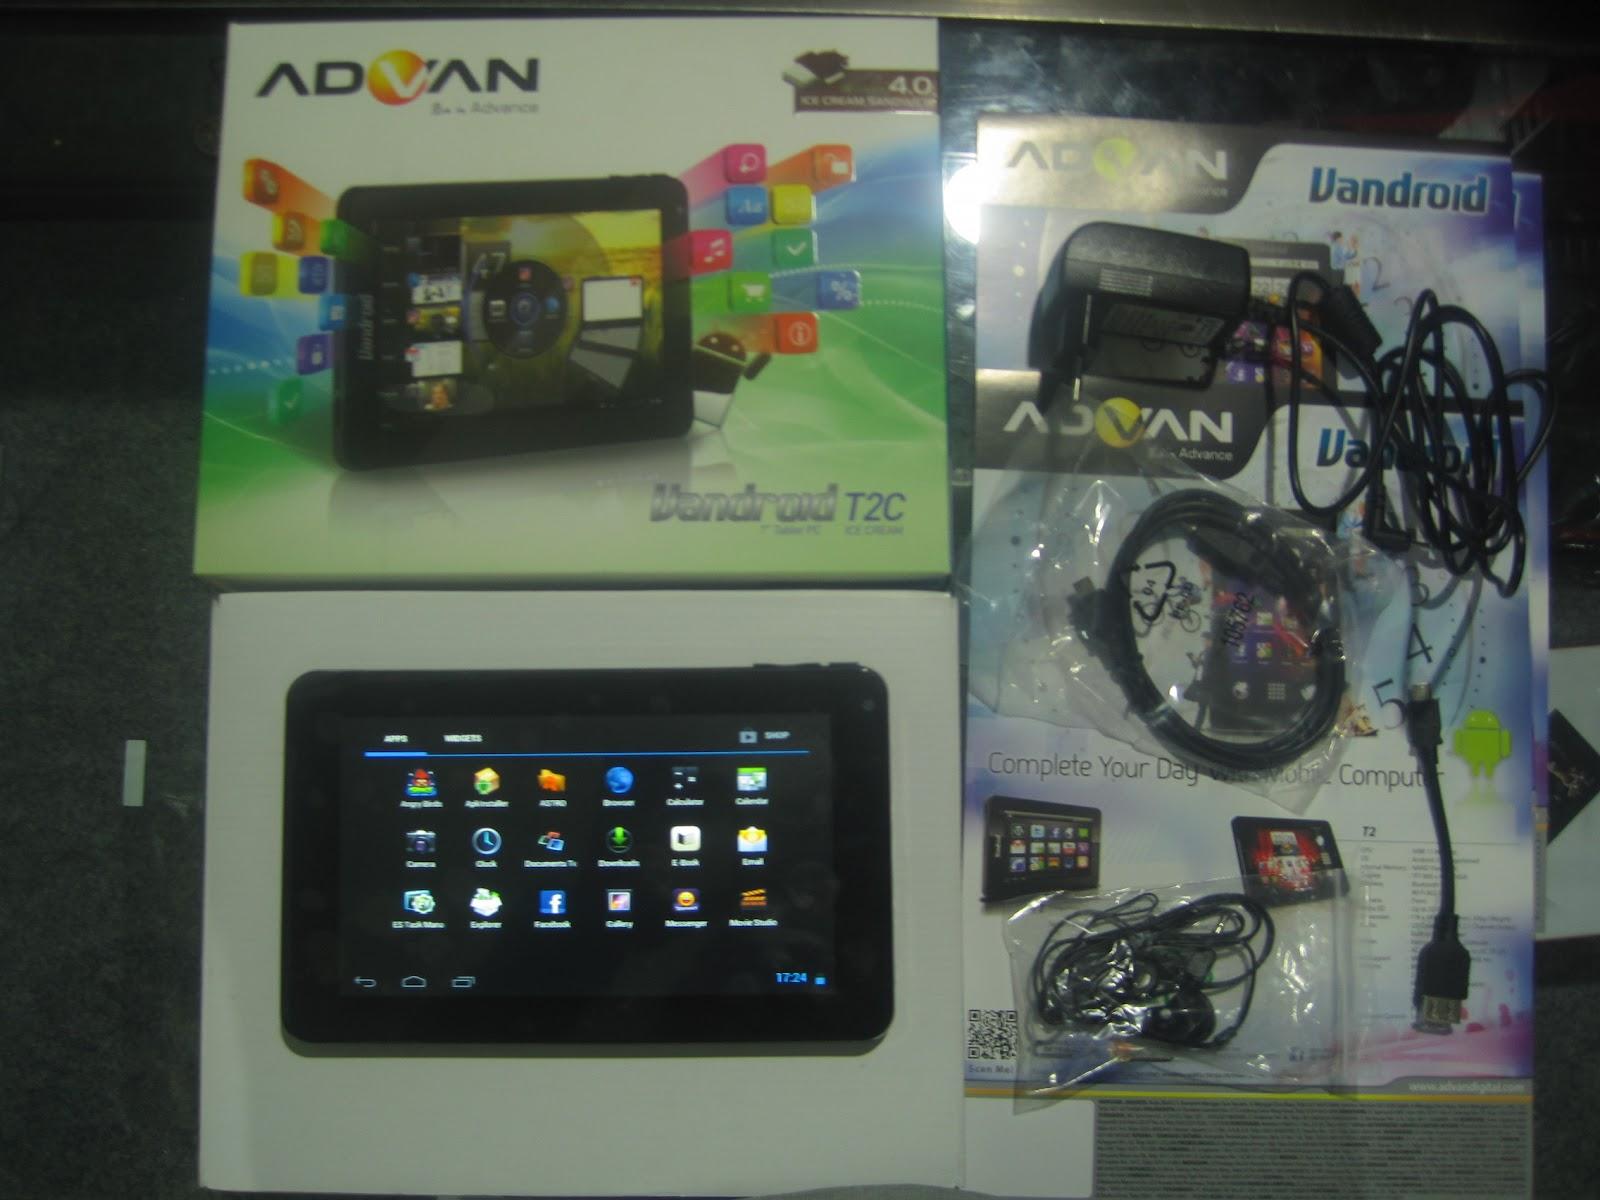 Tablet Murah Advan T2Ci cuma 799 ribu PROMO Hari ini